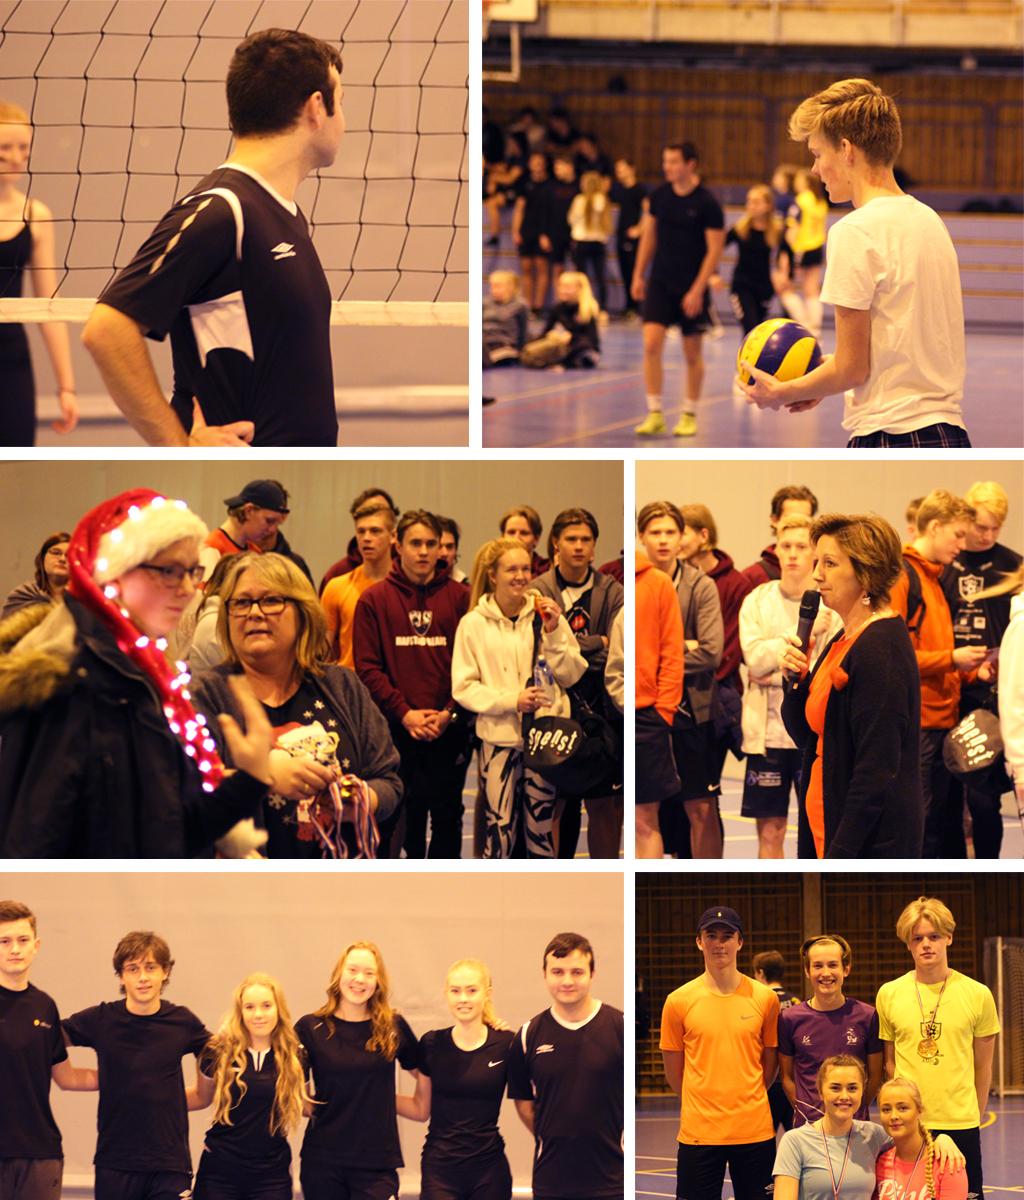 03 Juleavslutninga med volleyball, foto Milad Dean.jpg